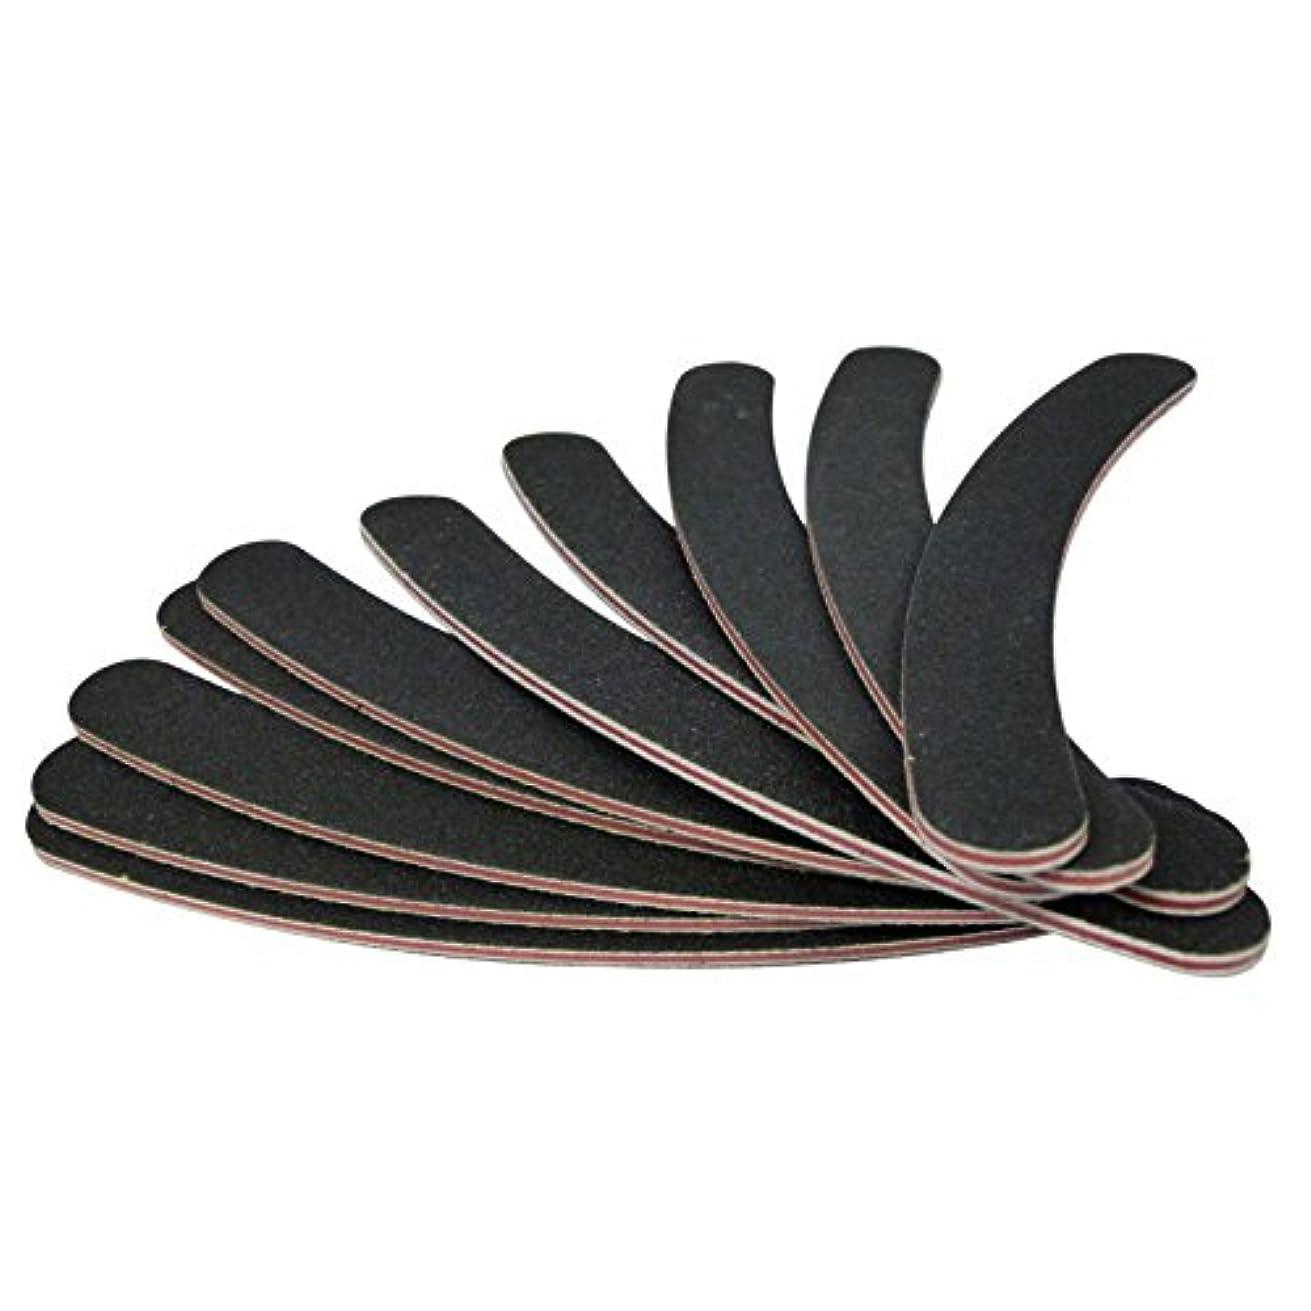 民間異なる帽子upperx 10ダブル両面100/180グリットブーメラン/バナナカーブ爪やすり英国エメリーボード